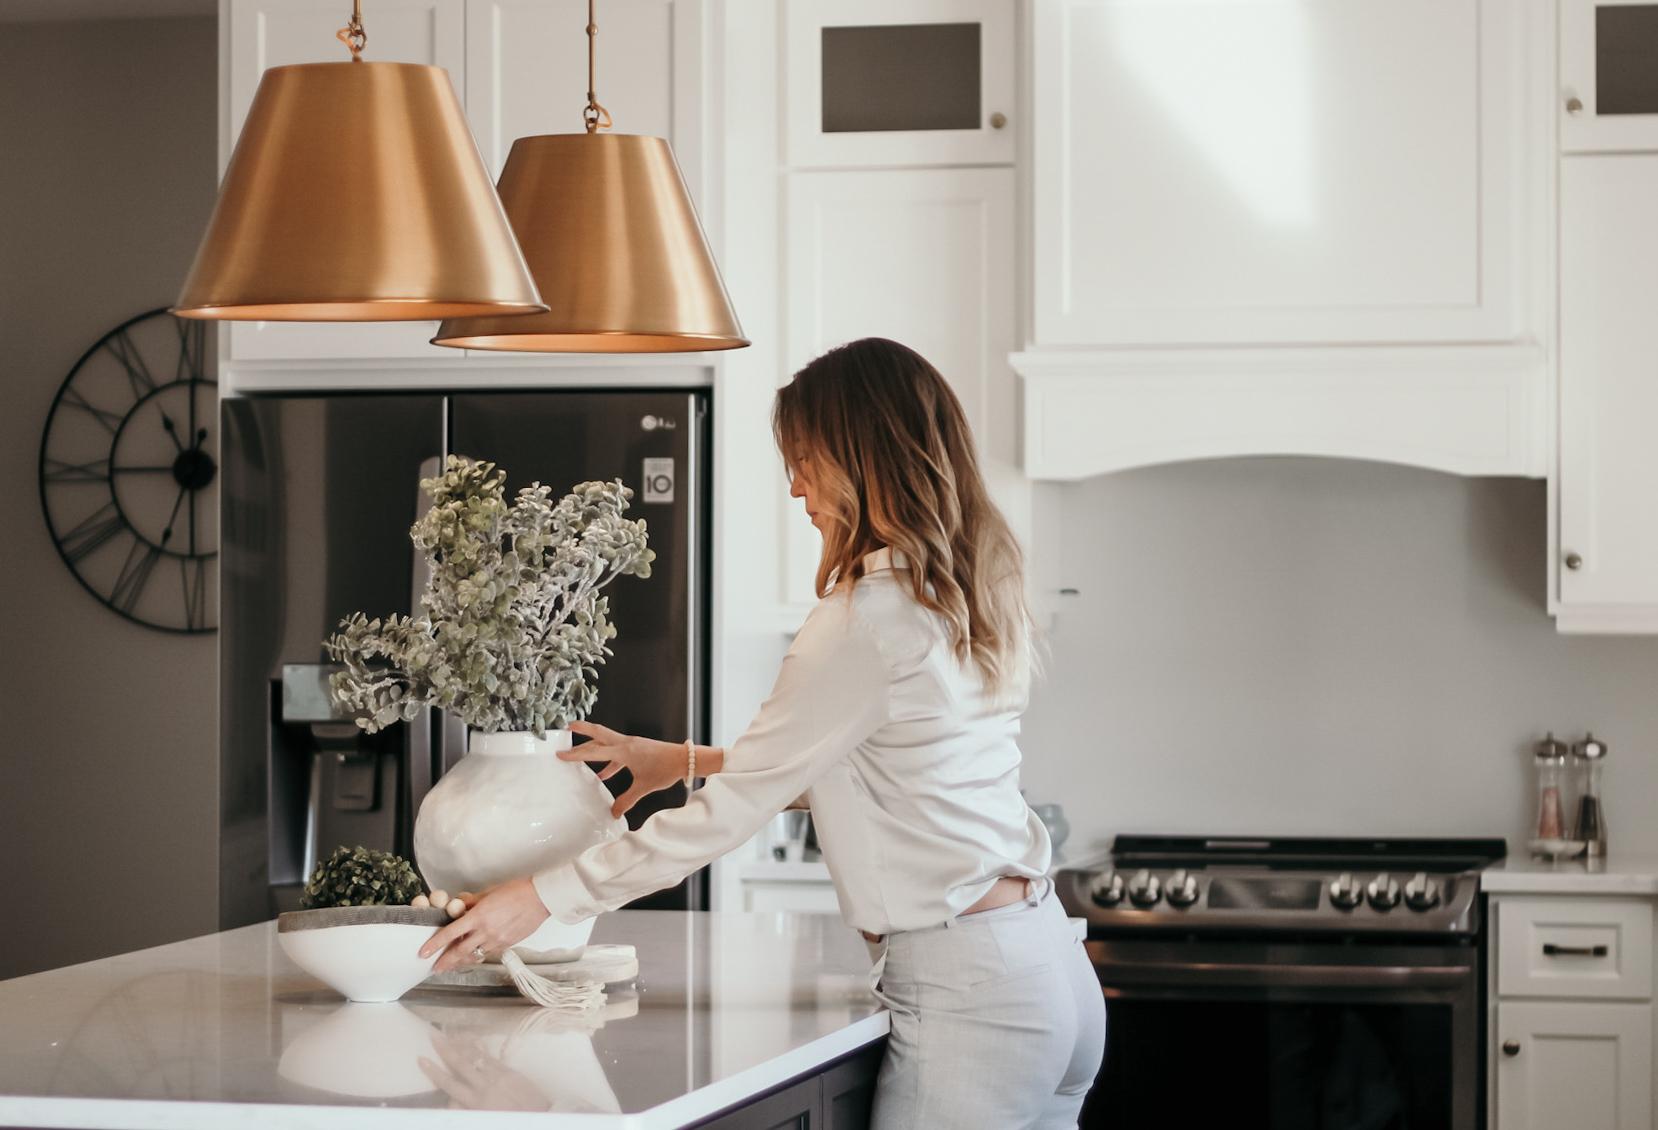 Christine adjusting a vase in kitchen